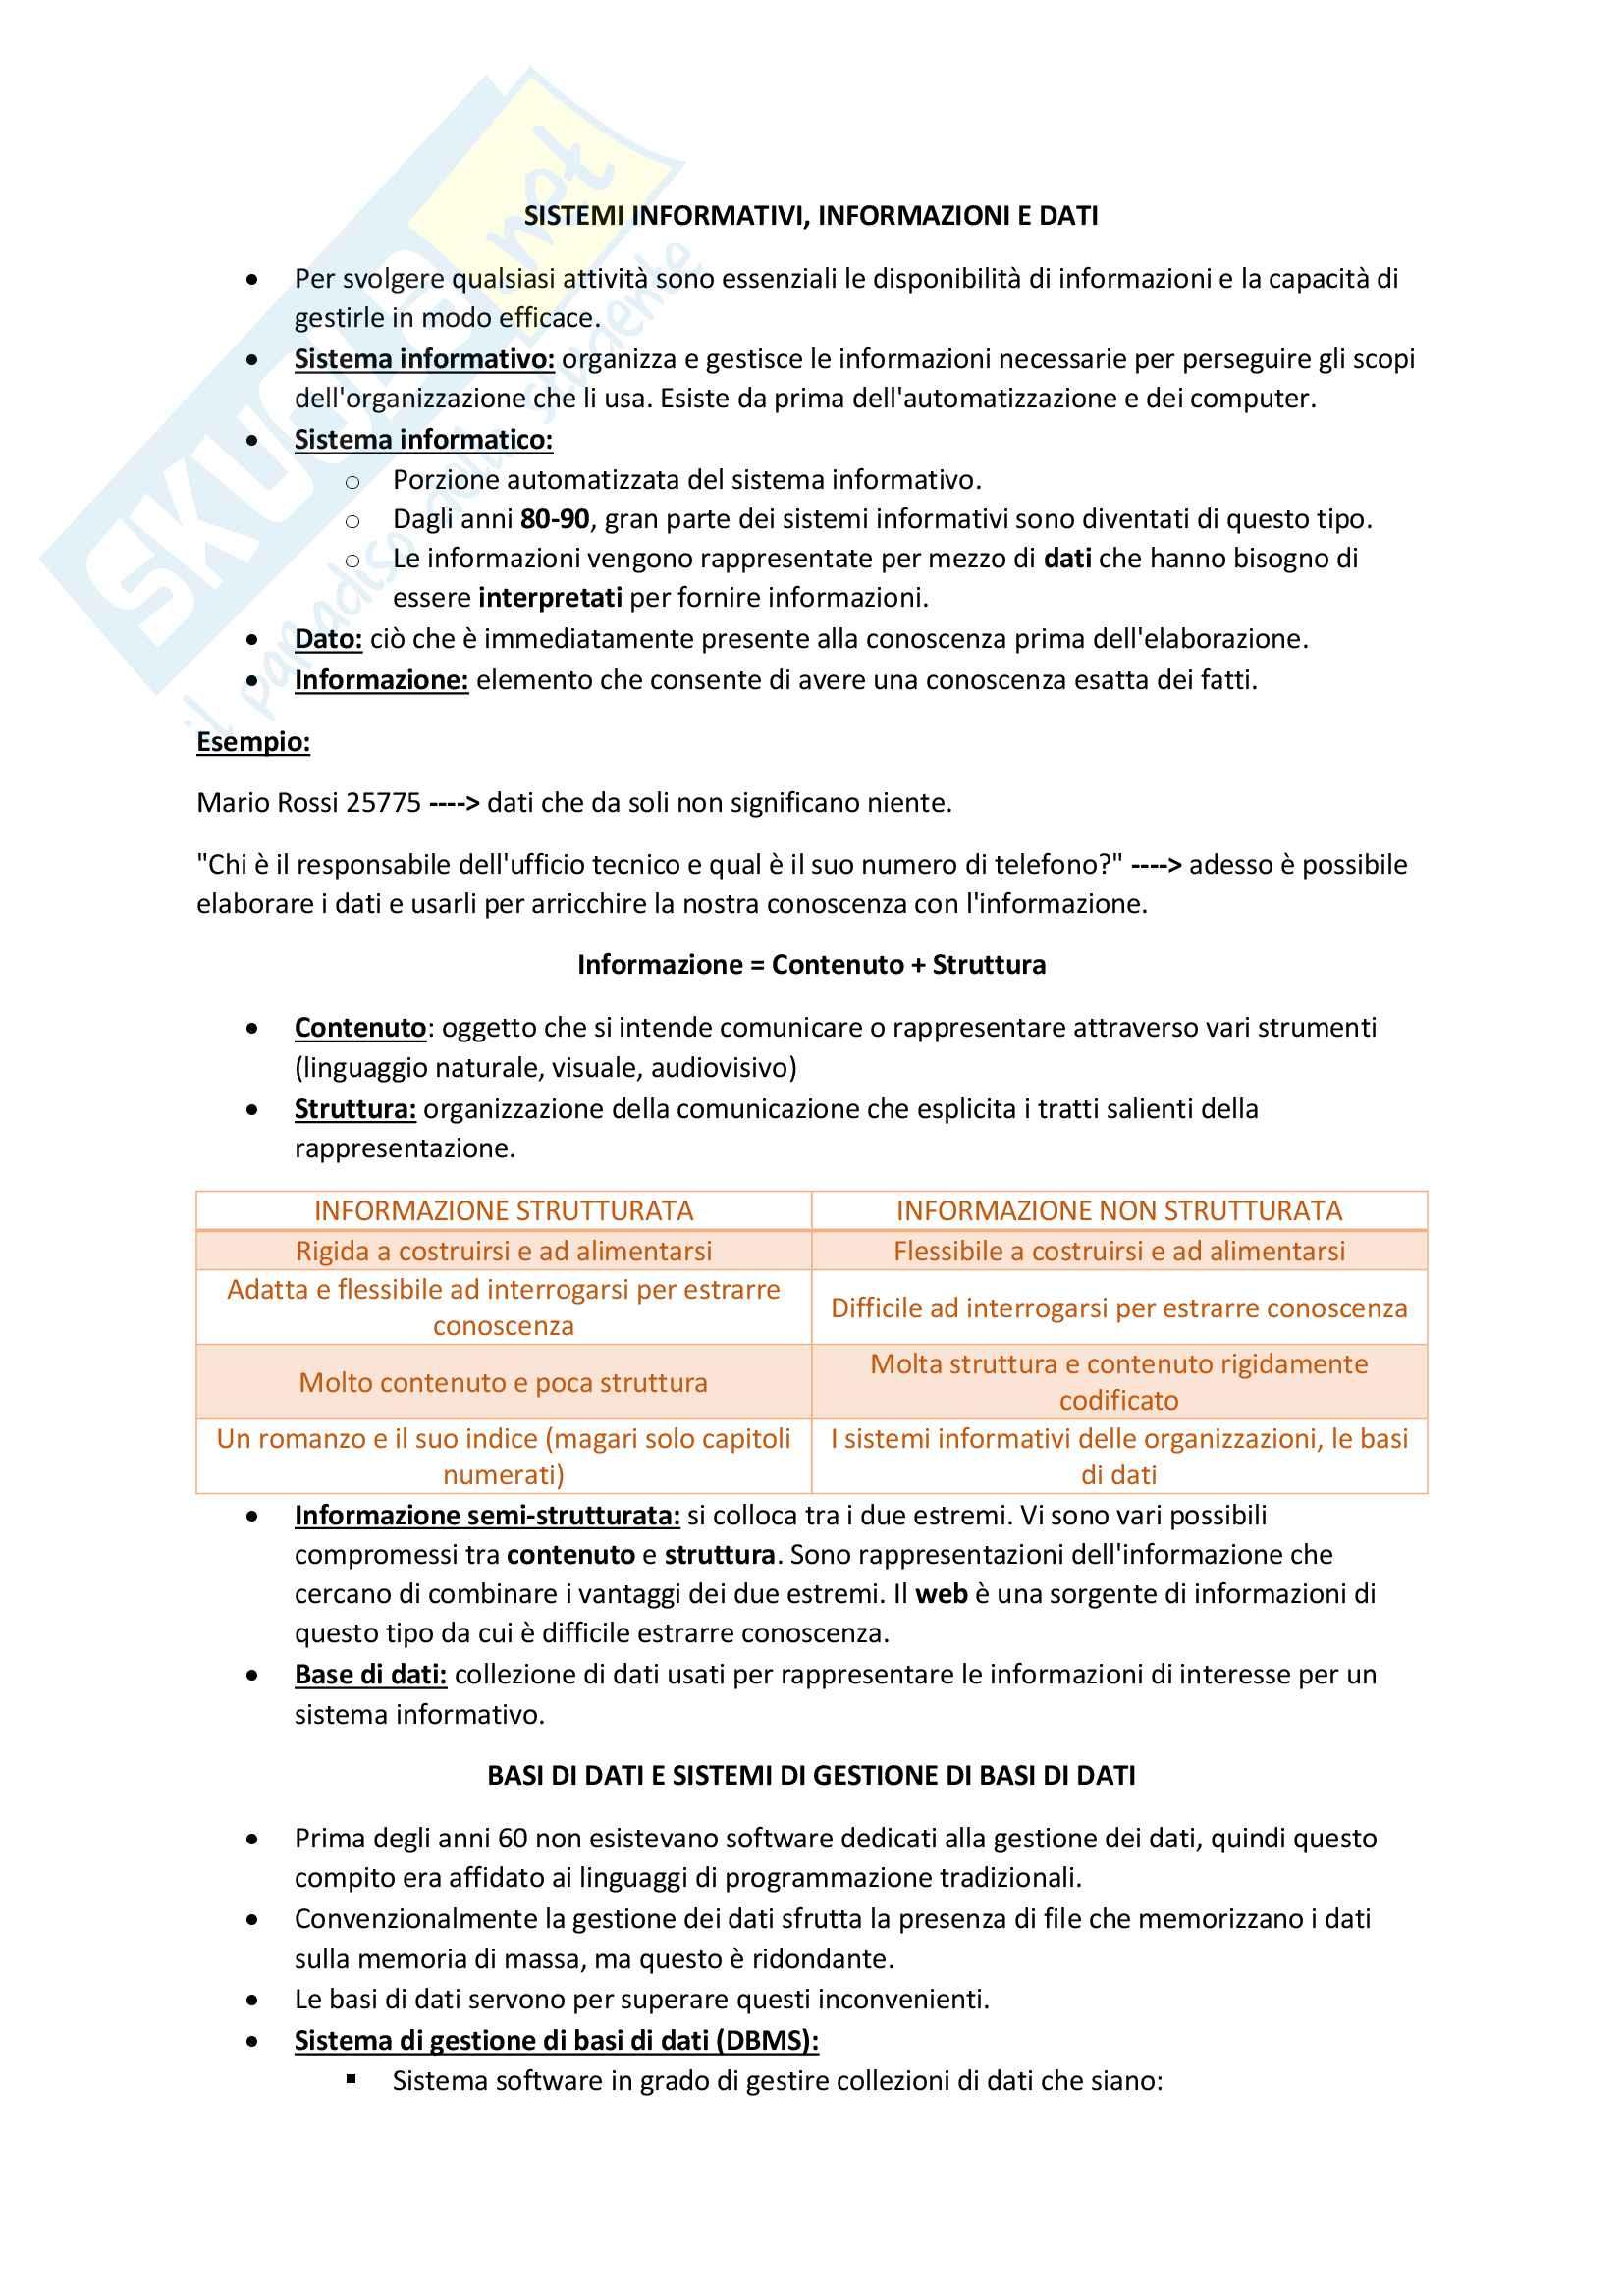 Appunti di Basi di Dati con Esercizi Svolti, Monreale - Rosone